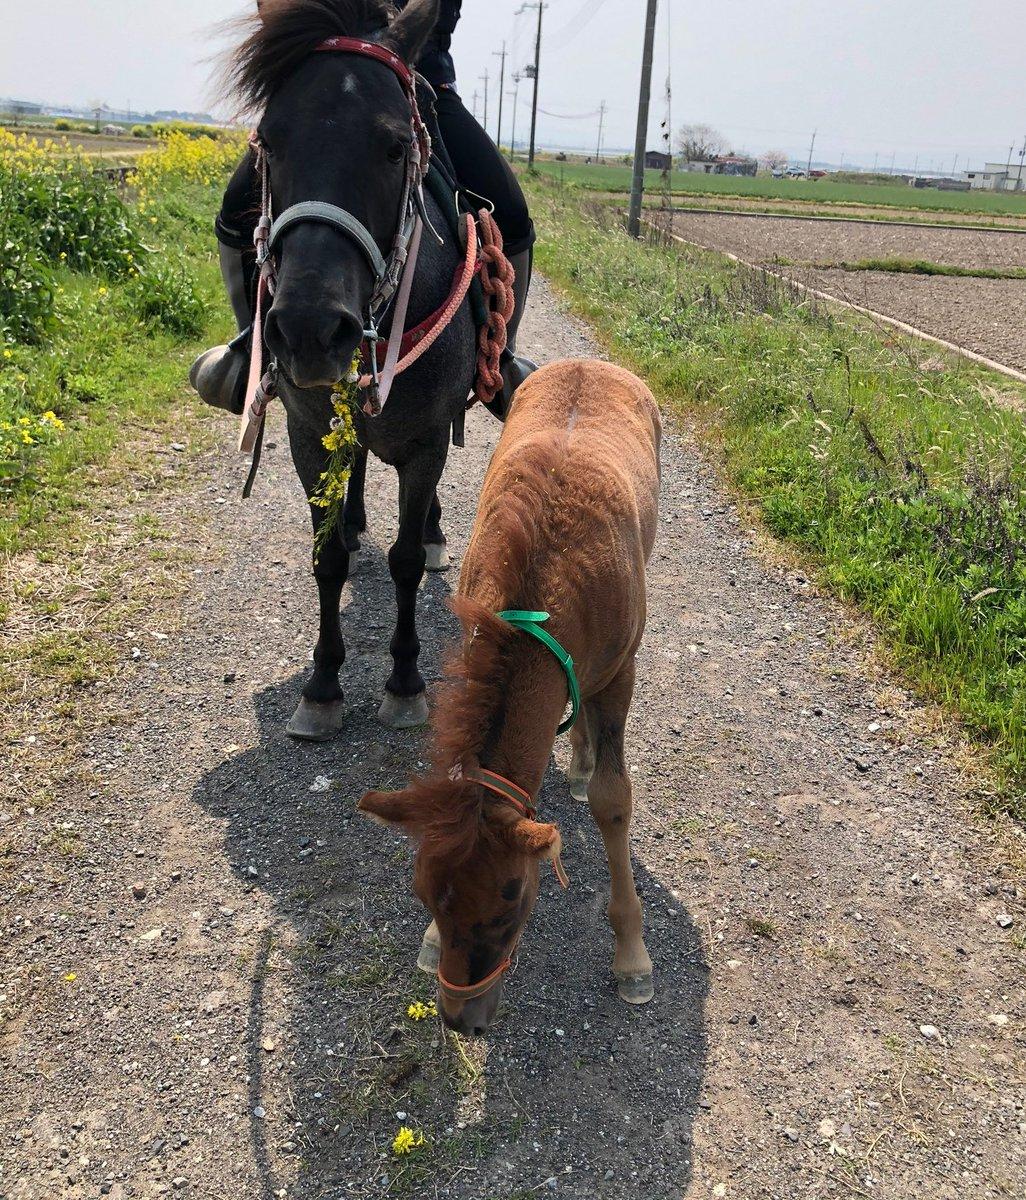 花冠が似合っている仔馬!しかし、隙をついて母馬に食べれてしまった!